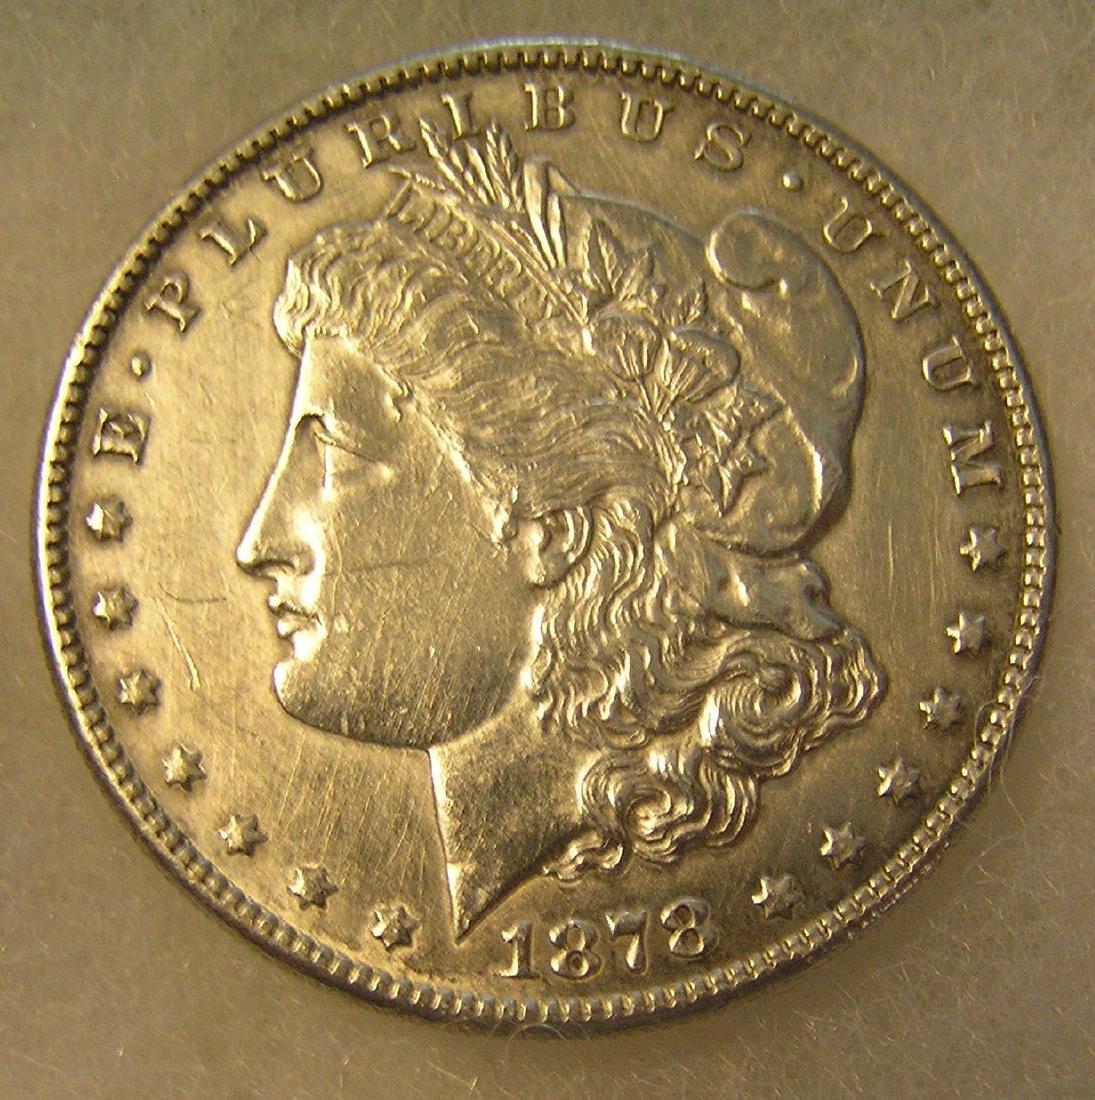 1878S Morgan silver dollar in very fine condition